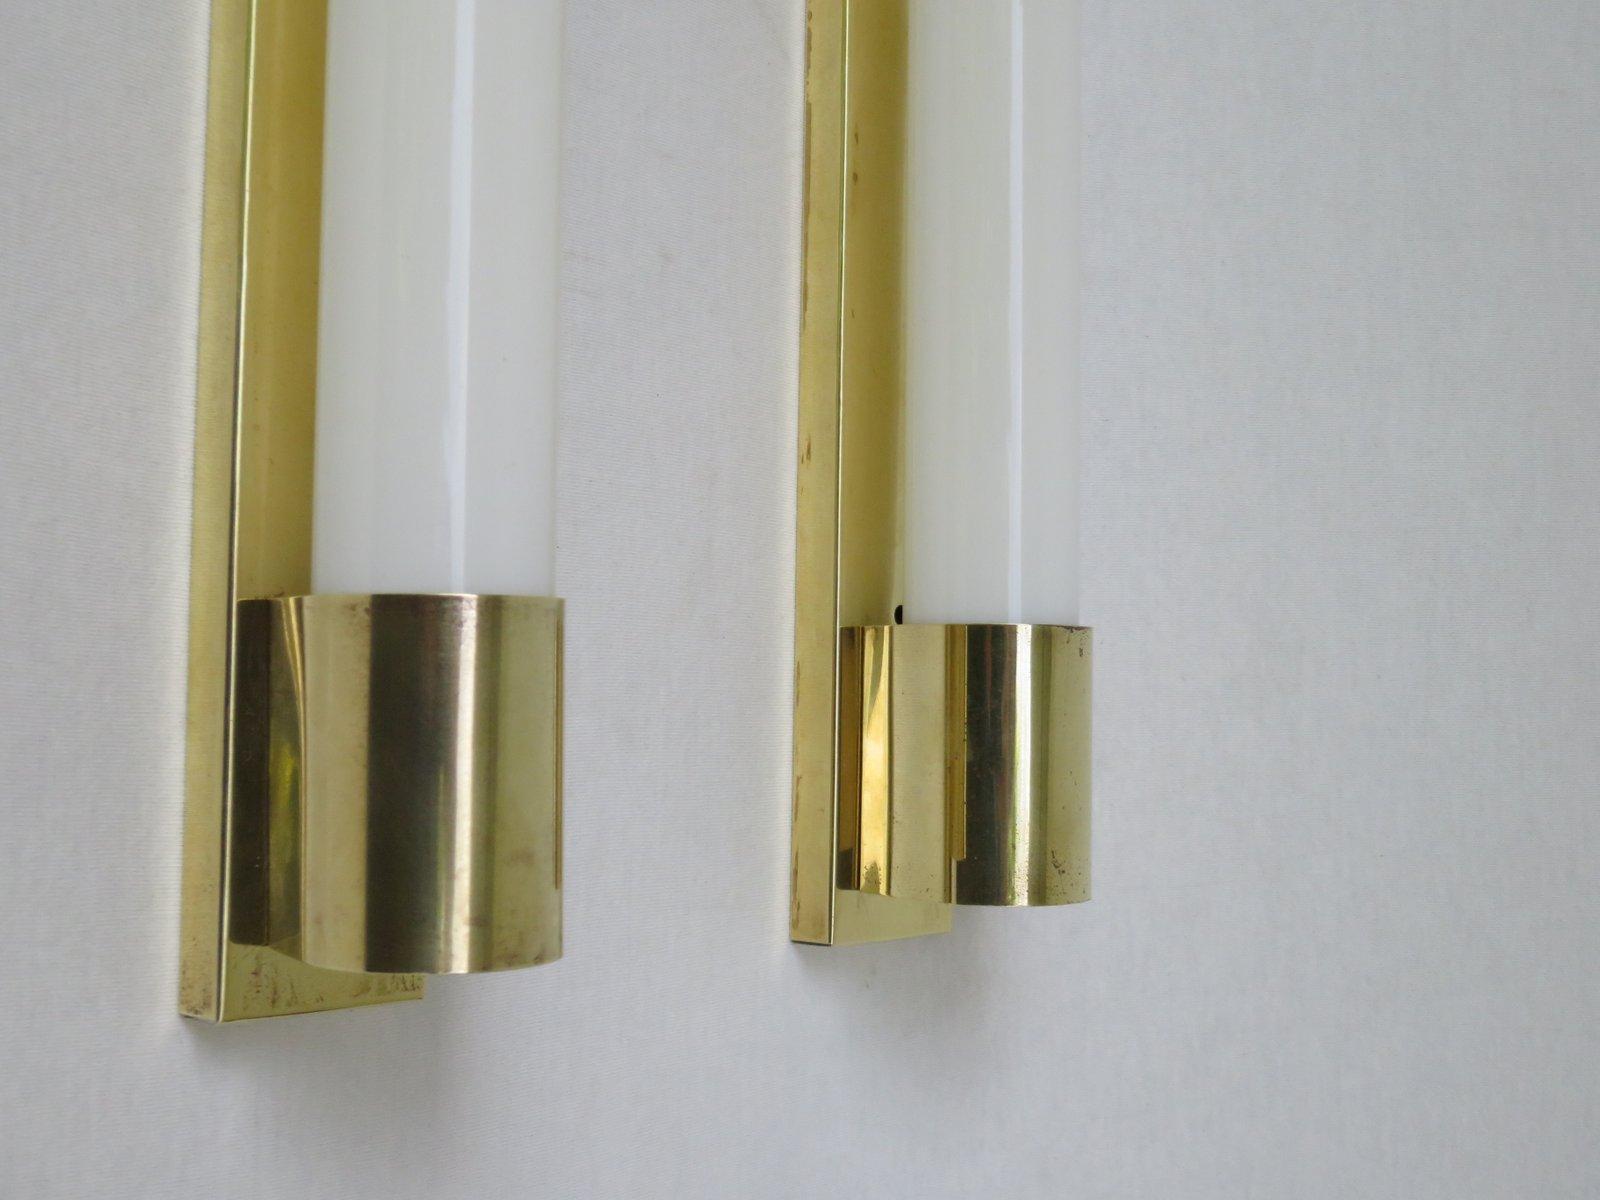 Lampade da parete art deco in ottone set di 4 in vendita su pamono - Lampade da parete di design ...